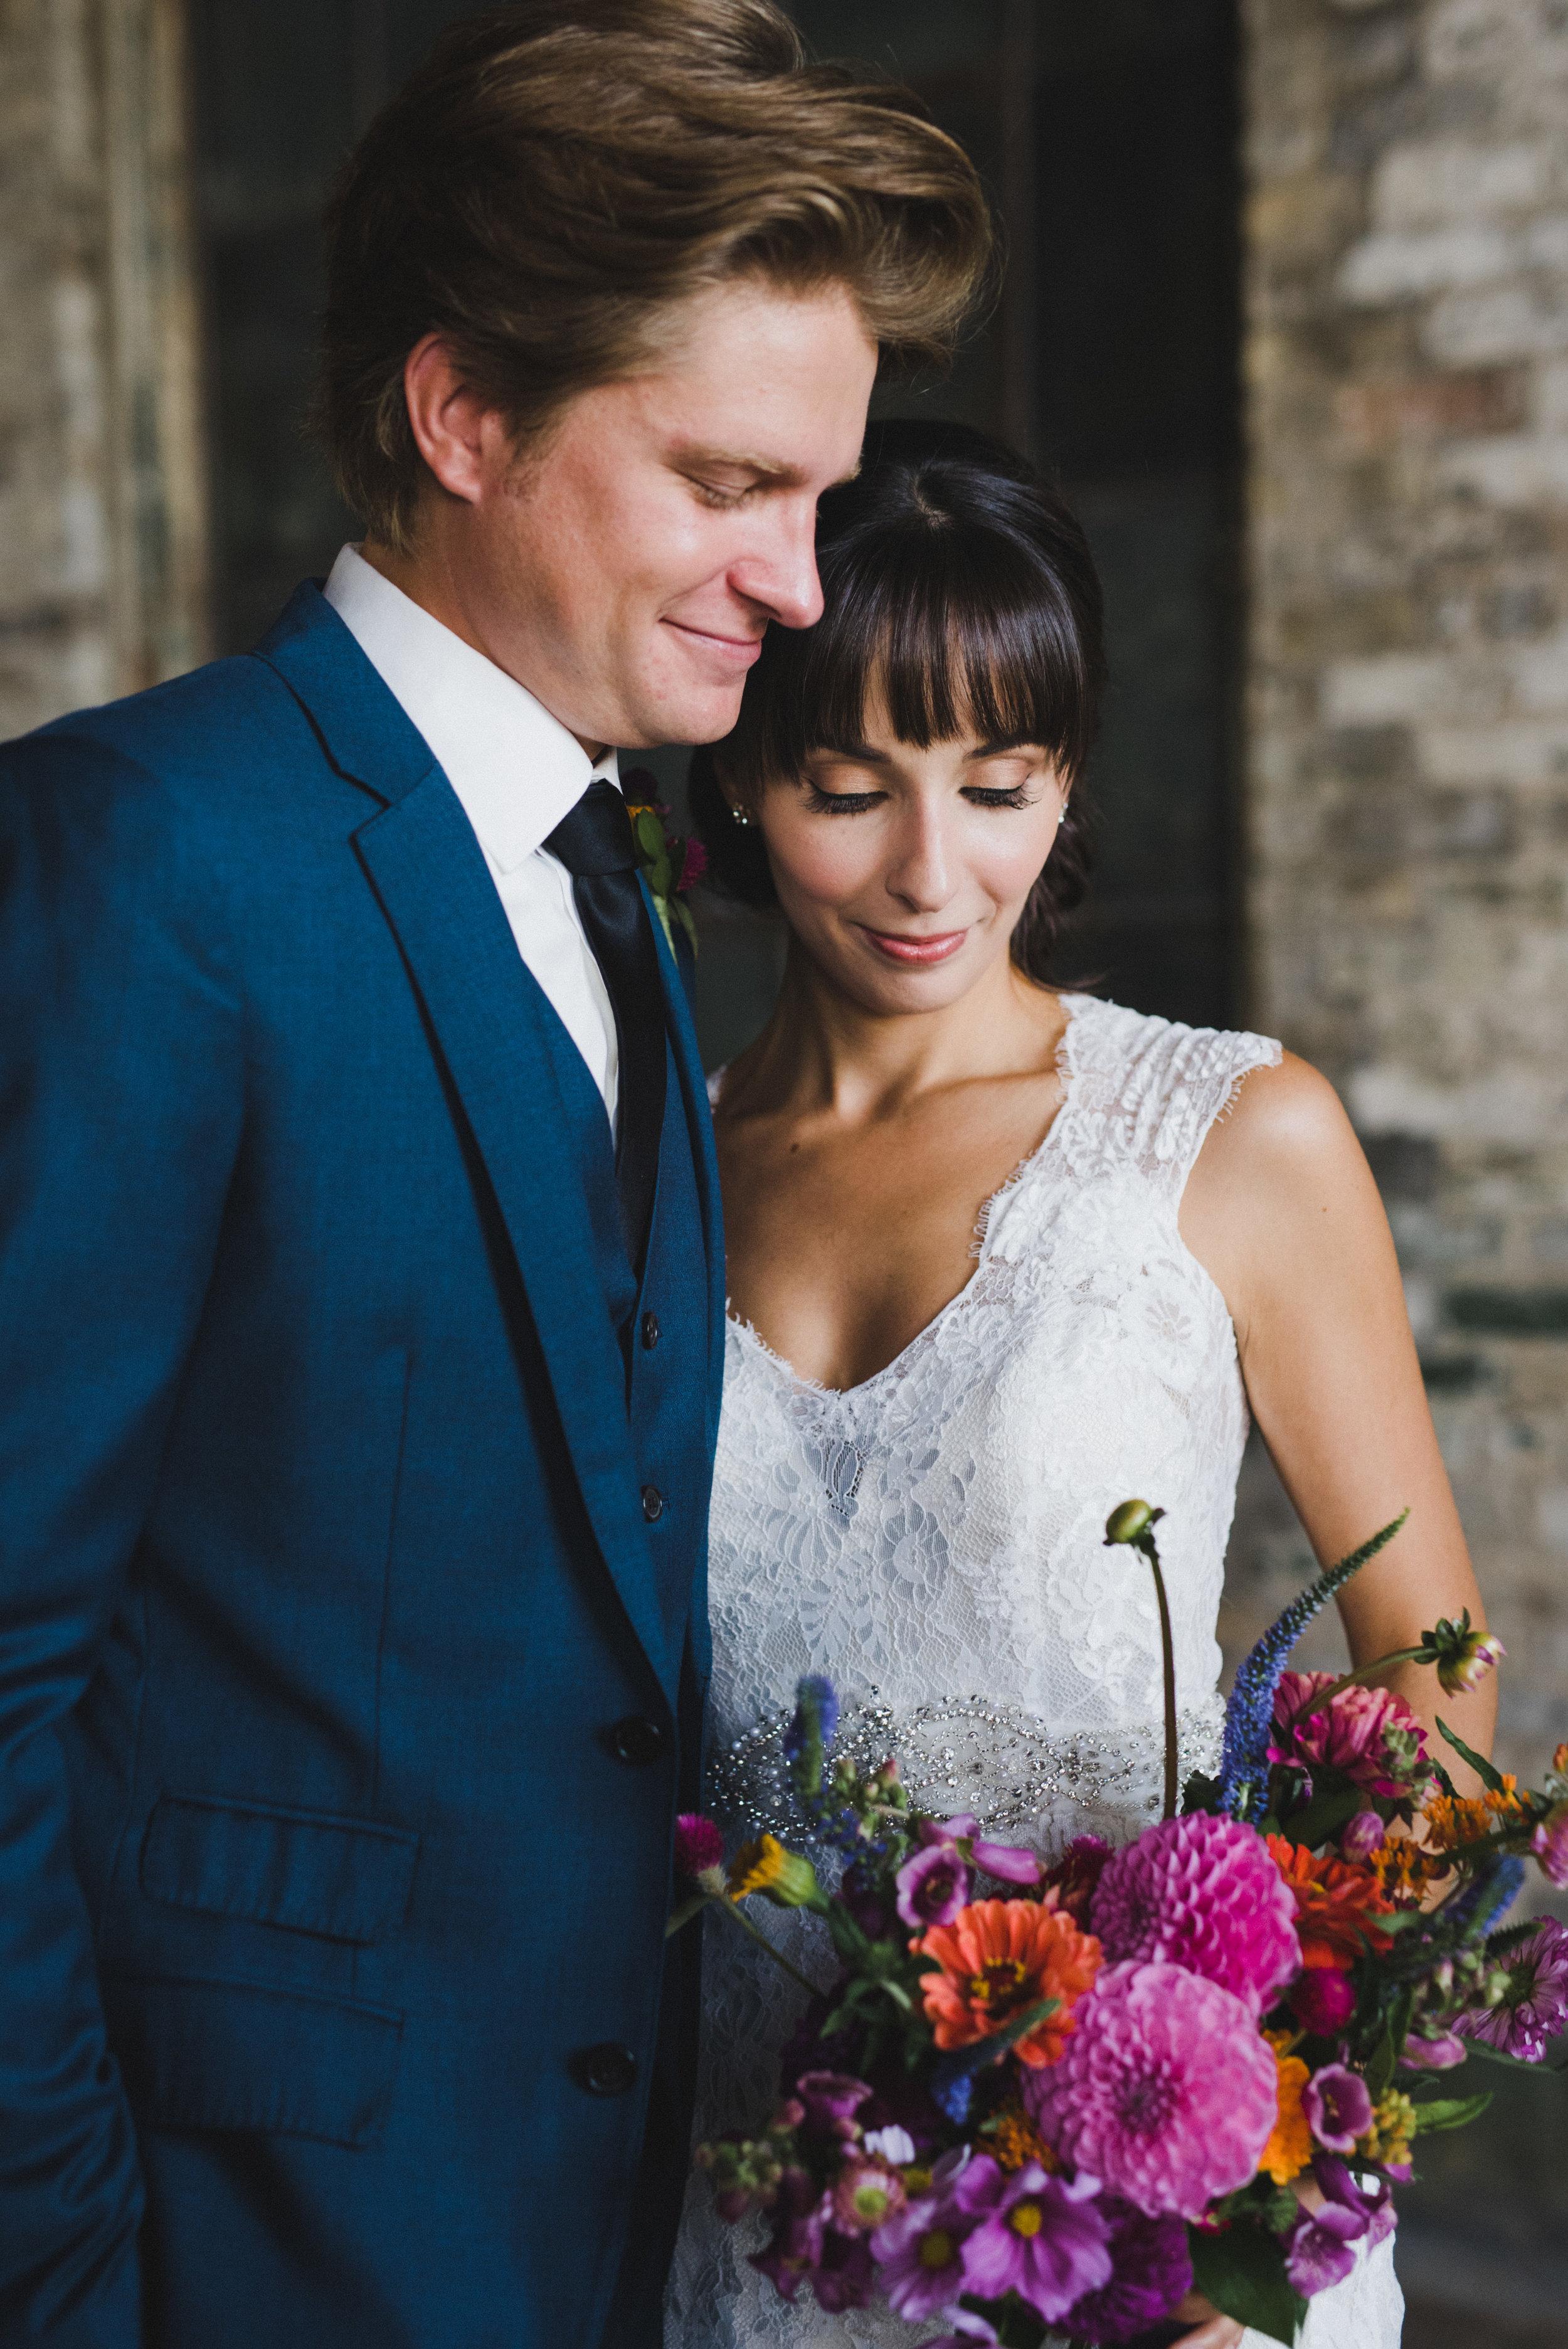 Organic Summer Wedding Ideas - Colourful Wedding Flower Inspiration